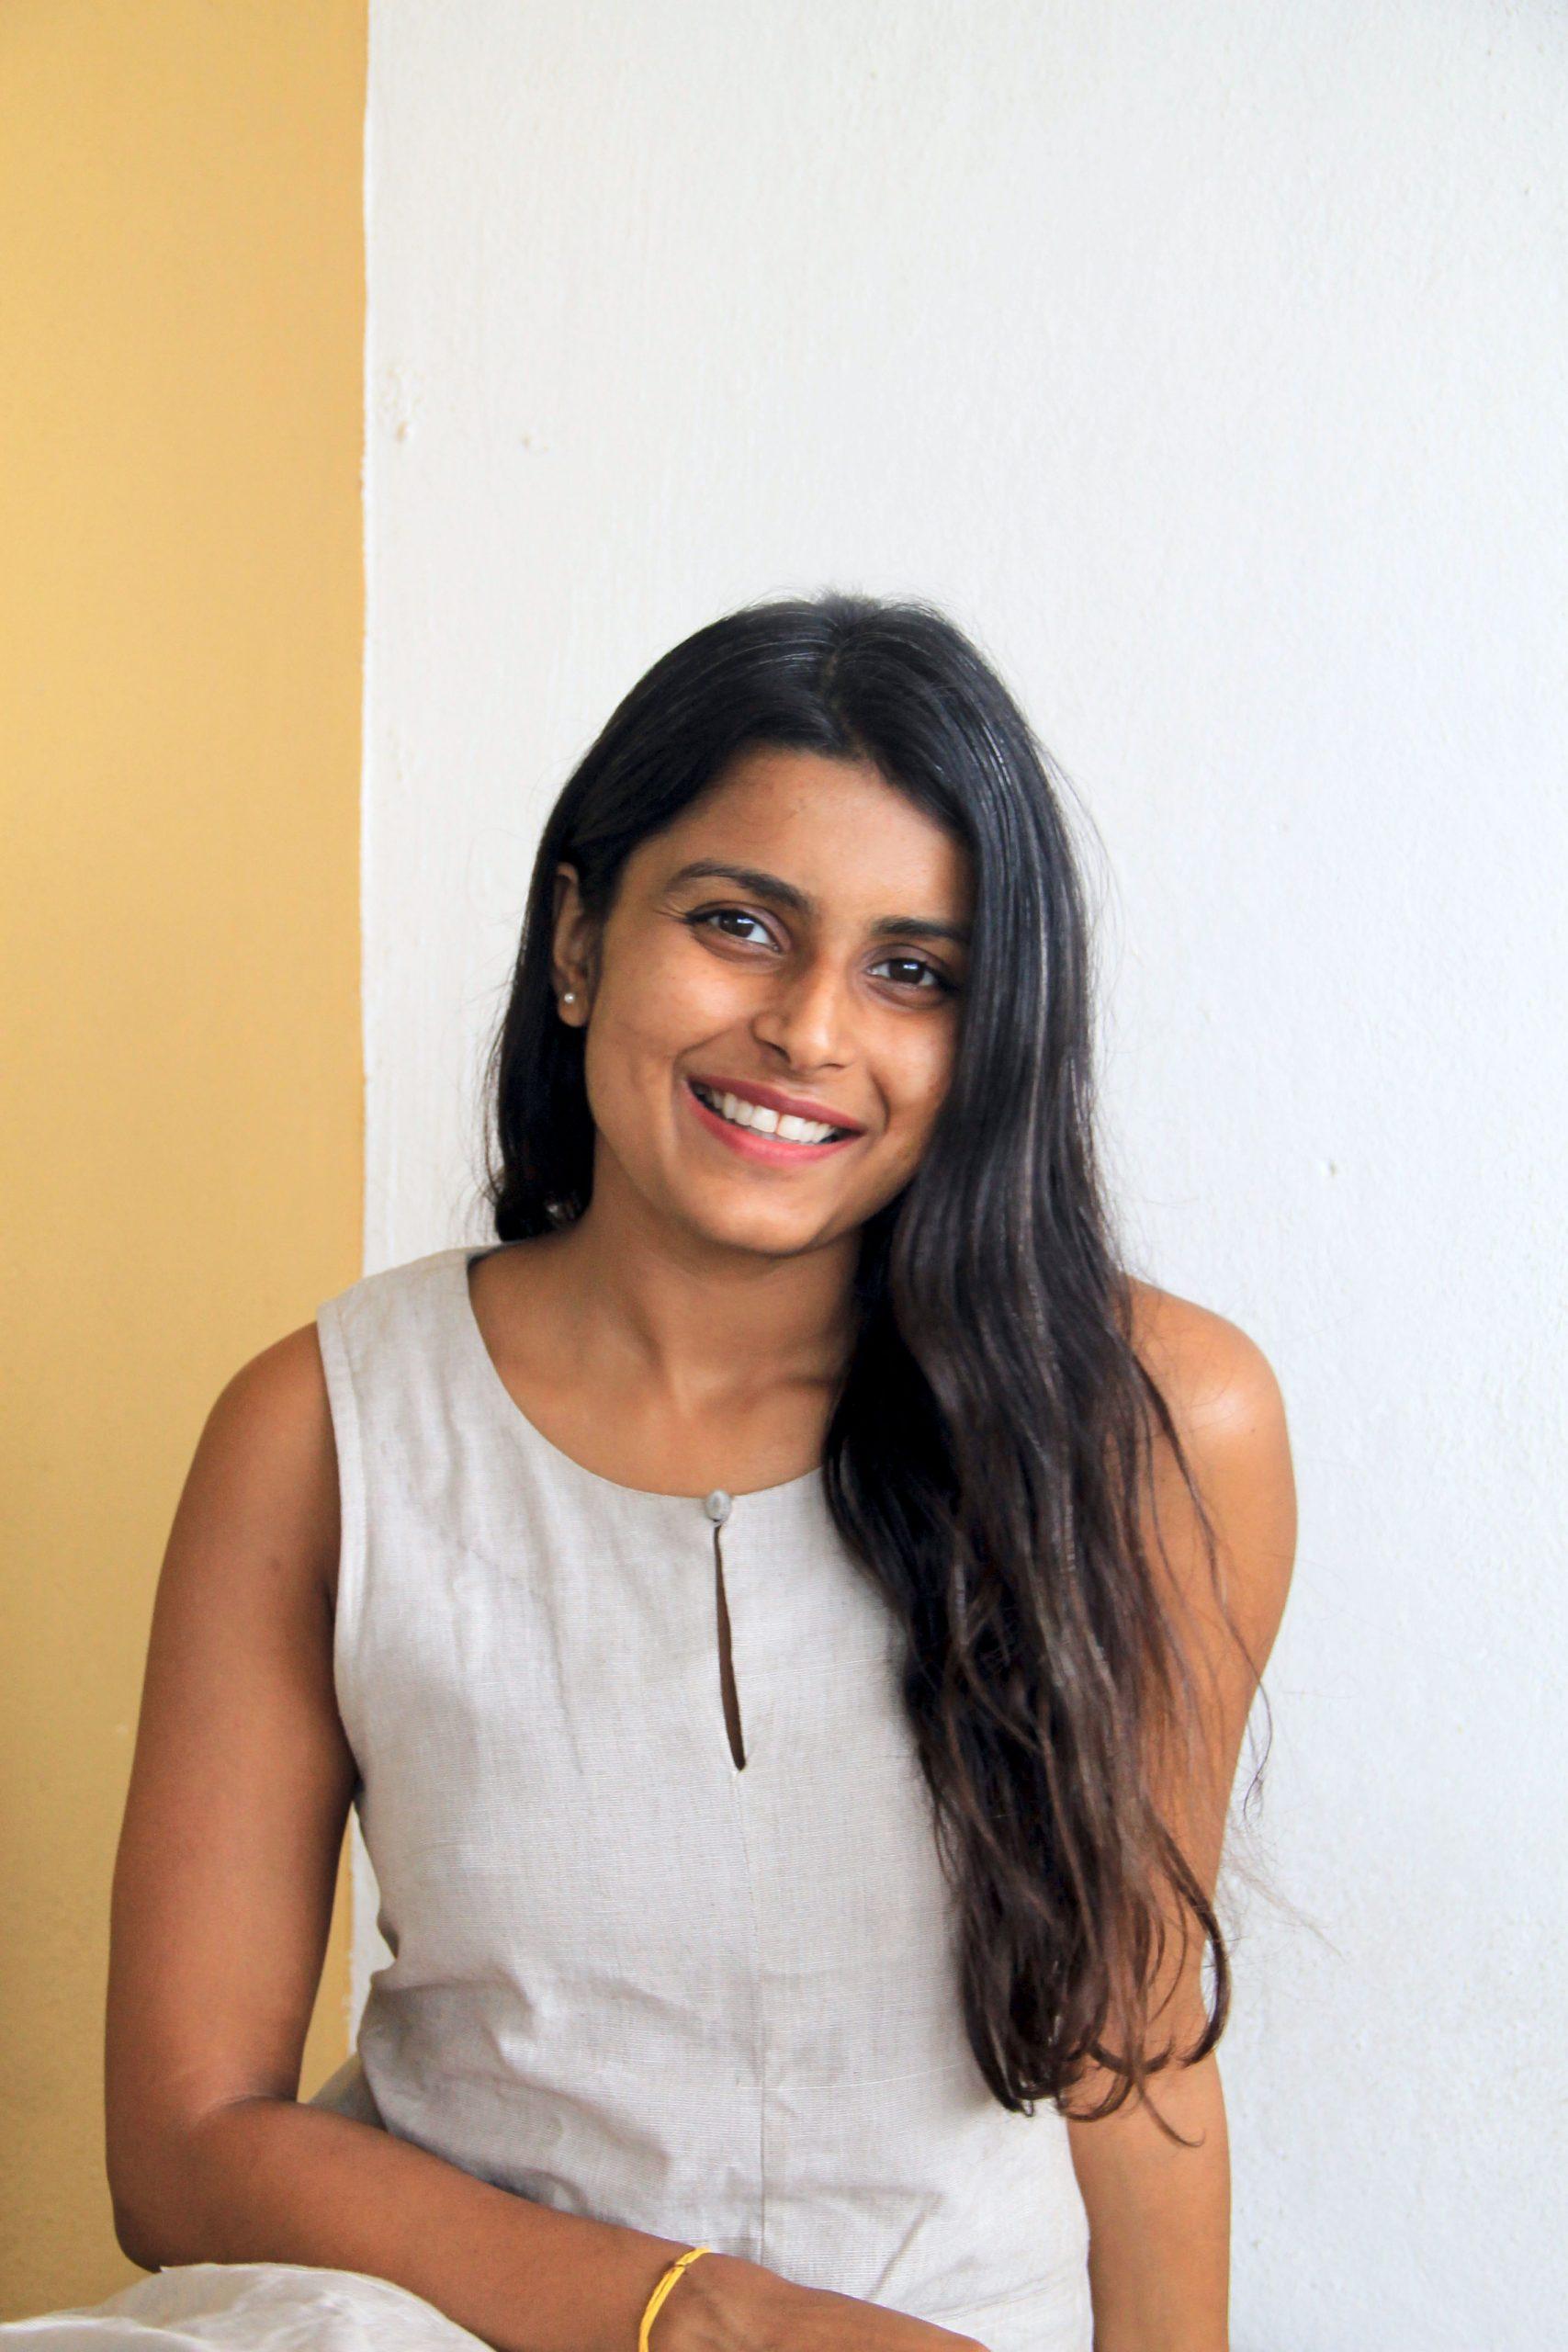 About Samyukta Kartik